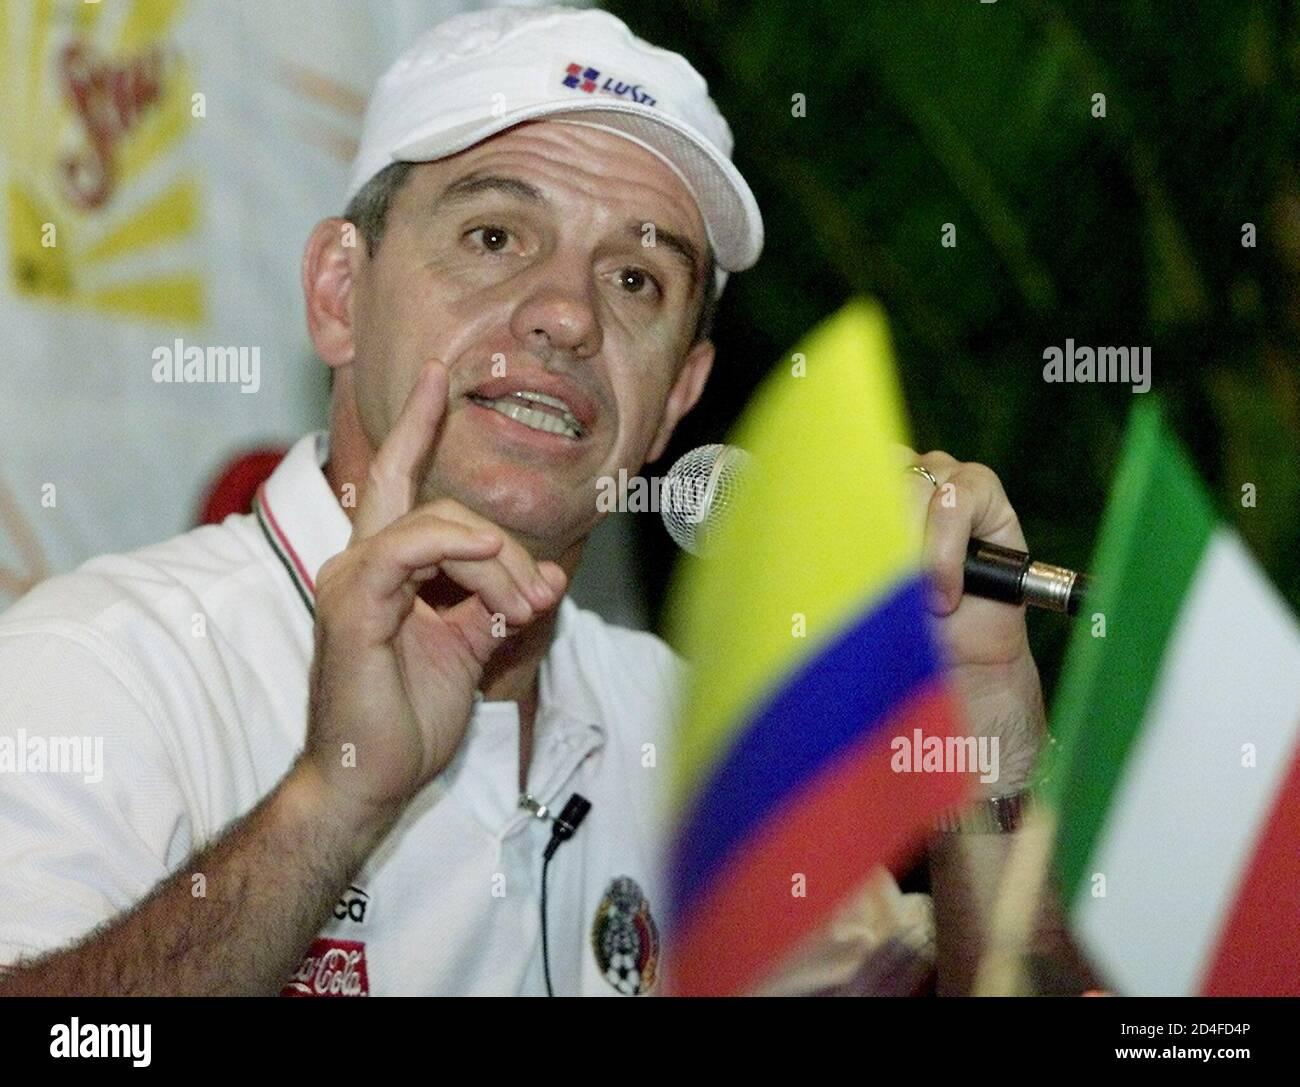 El entrenador del equipo nacional de fútbol mexicano, Javier Aguirre, responde a una pregunta durante una conferencia de prensa dada en el Campestre Club de Cali, donde el equipo se encuentra durante la Copa América, el 14 de julio de 2001. México trastornó a Brasil en su primer partido del torneo y juega a Paraguay el 15 de julio. RR/SV Foto de stock